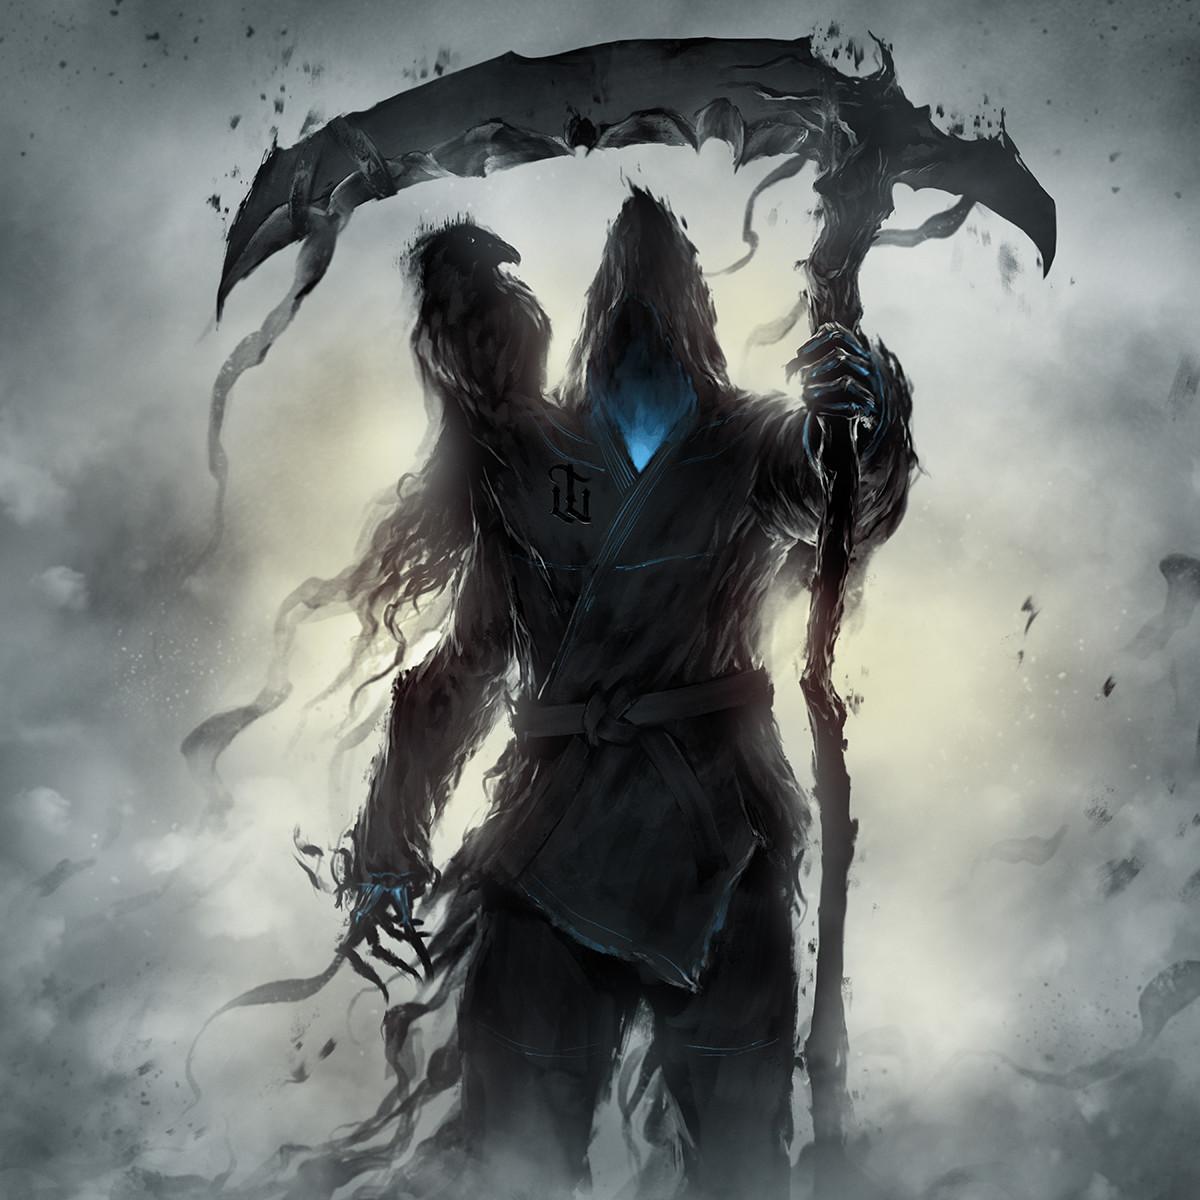 Caglayan kaya goksoy reaper1 2 low